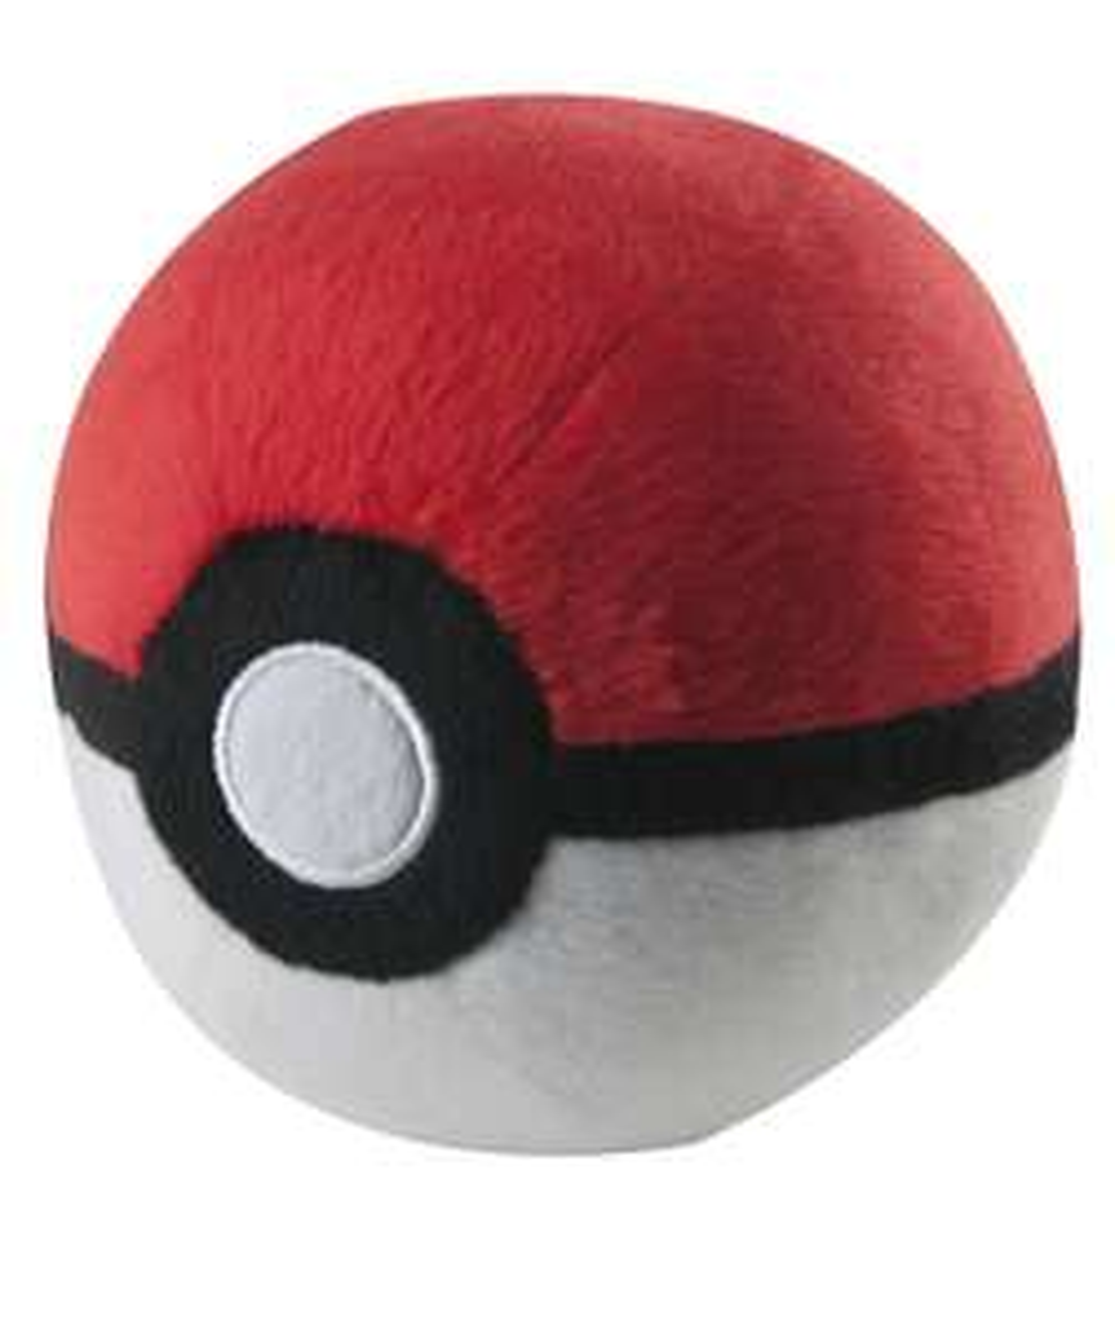 Pokemon pokeball plush toy £2.98 from Amazon (free delivery with Amazon Prime)